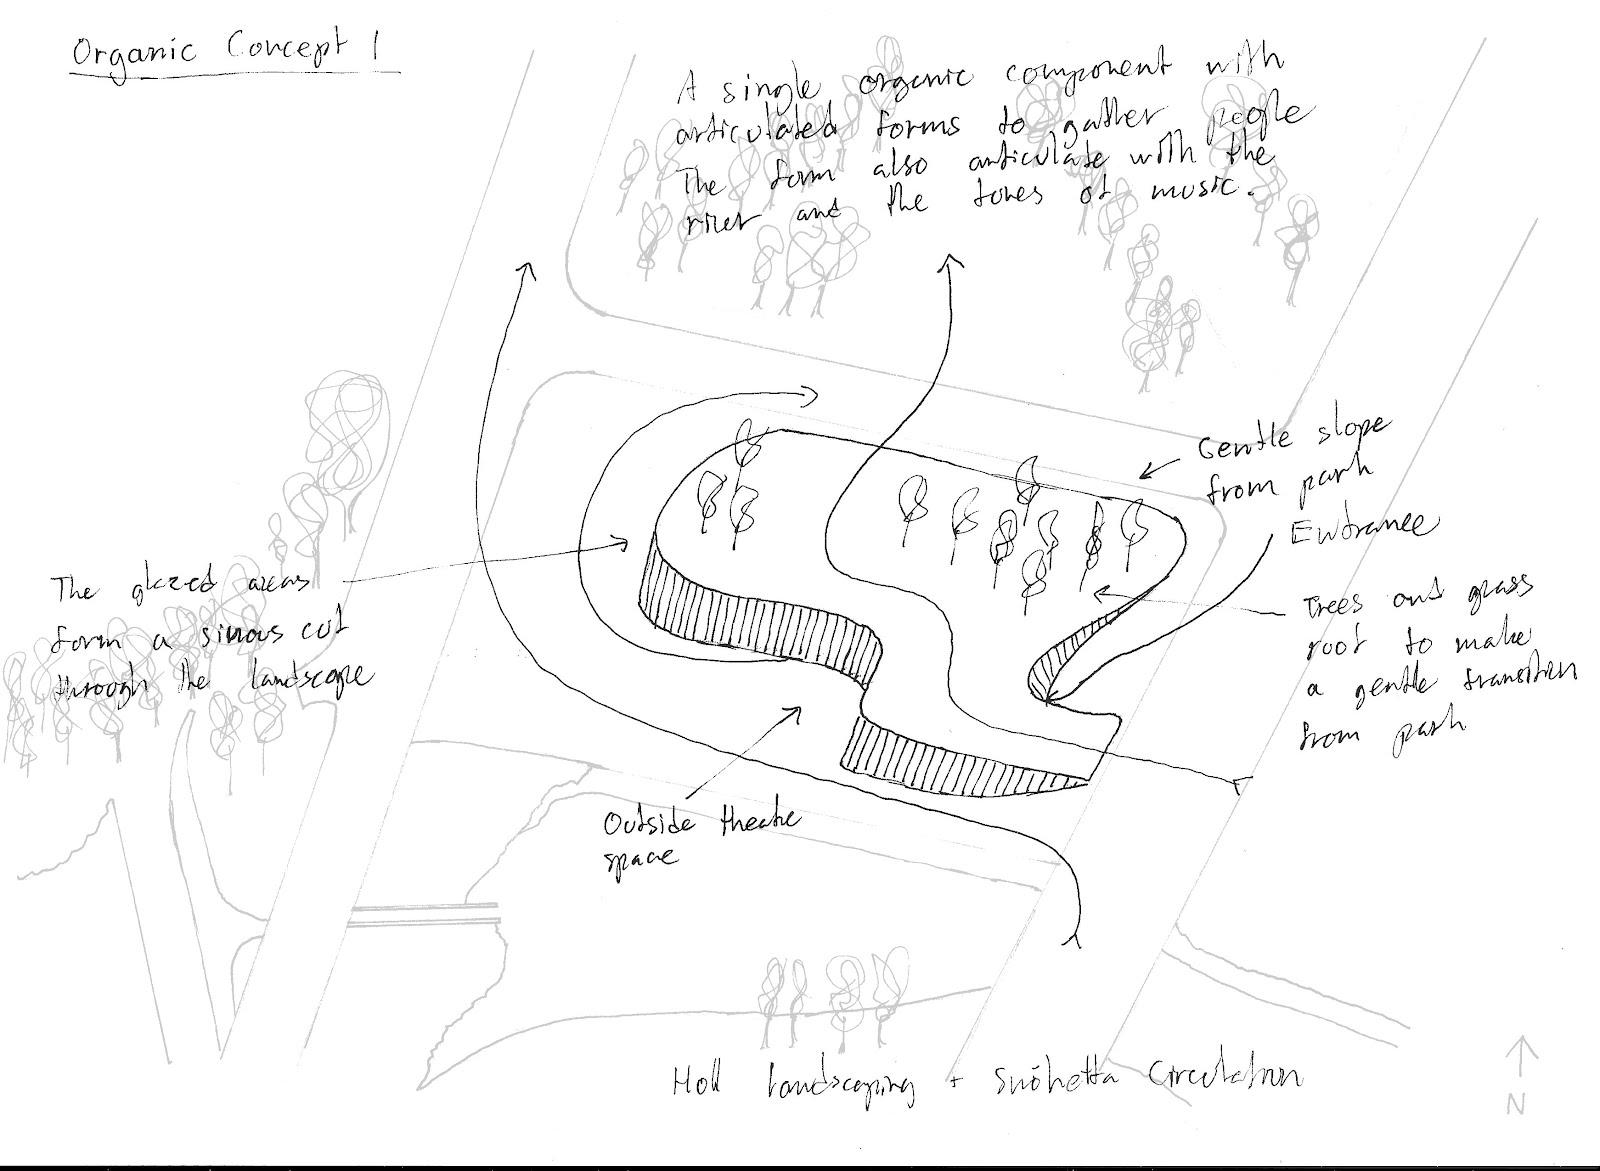 Philip Junaeus  Arch 1202 Studio Submission 3